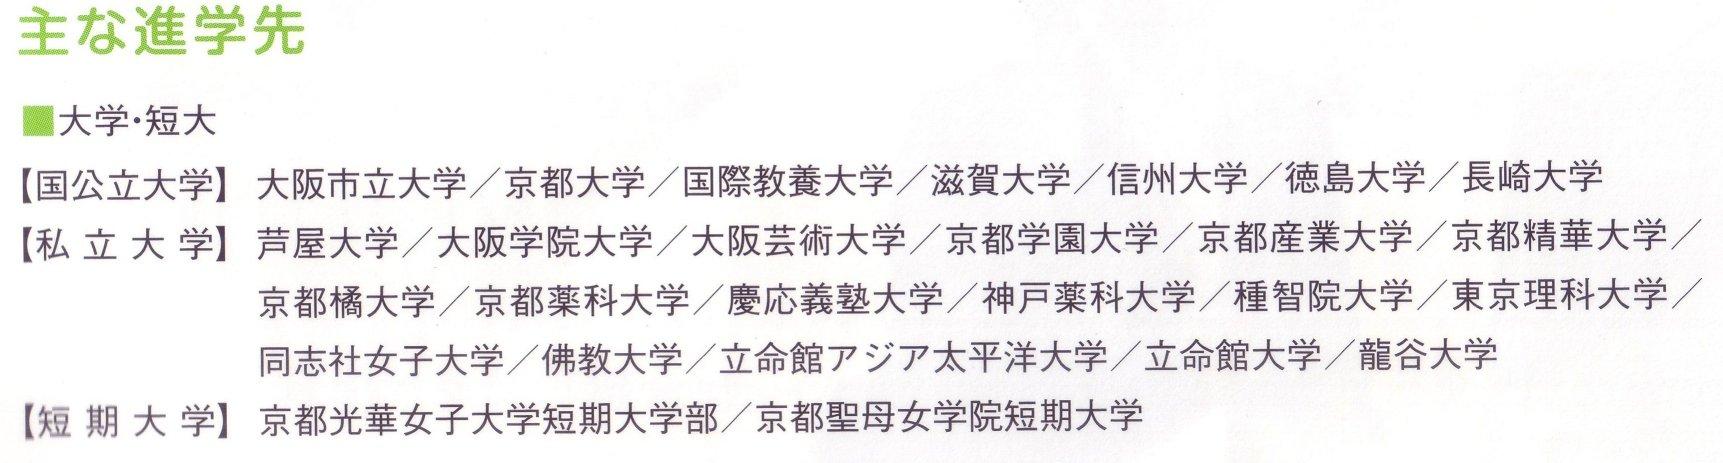 miyabu0610007.jpg